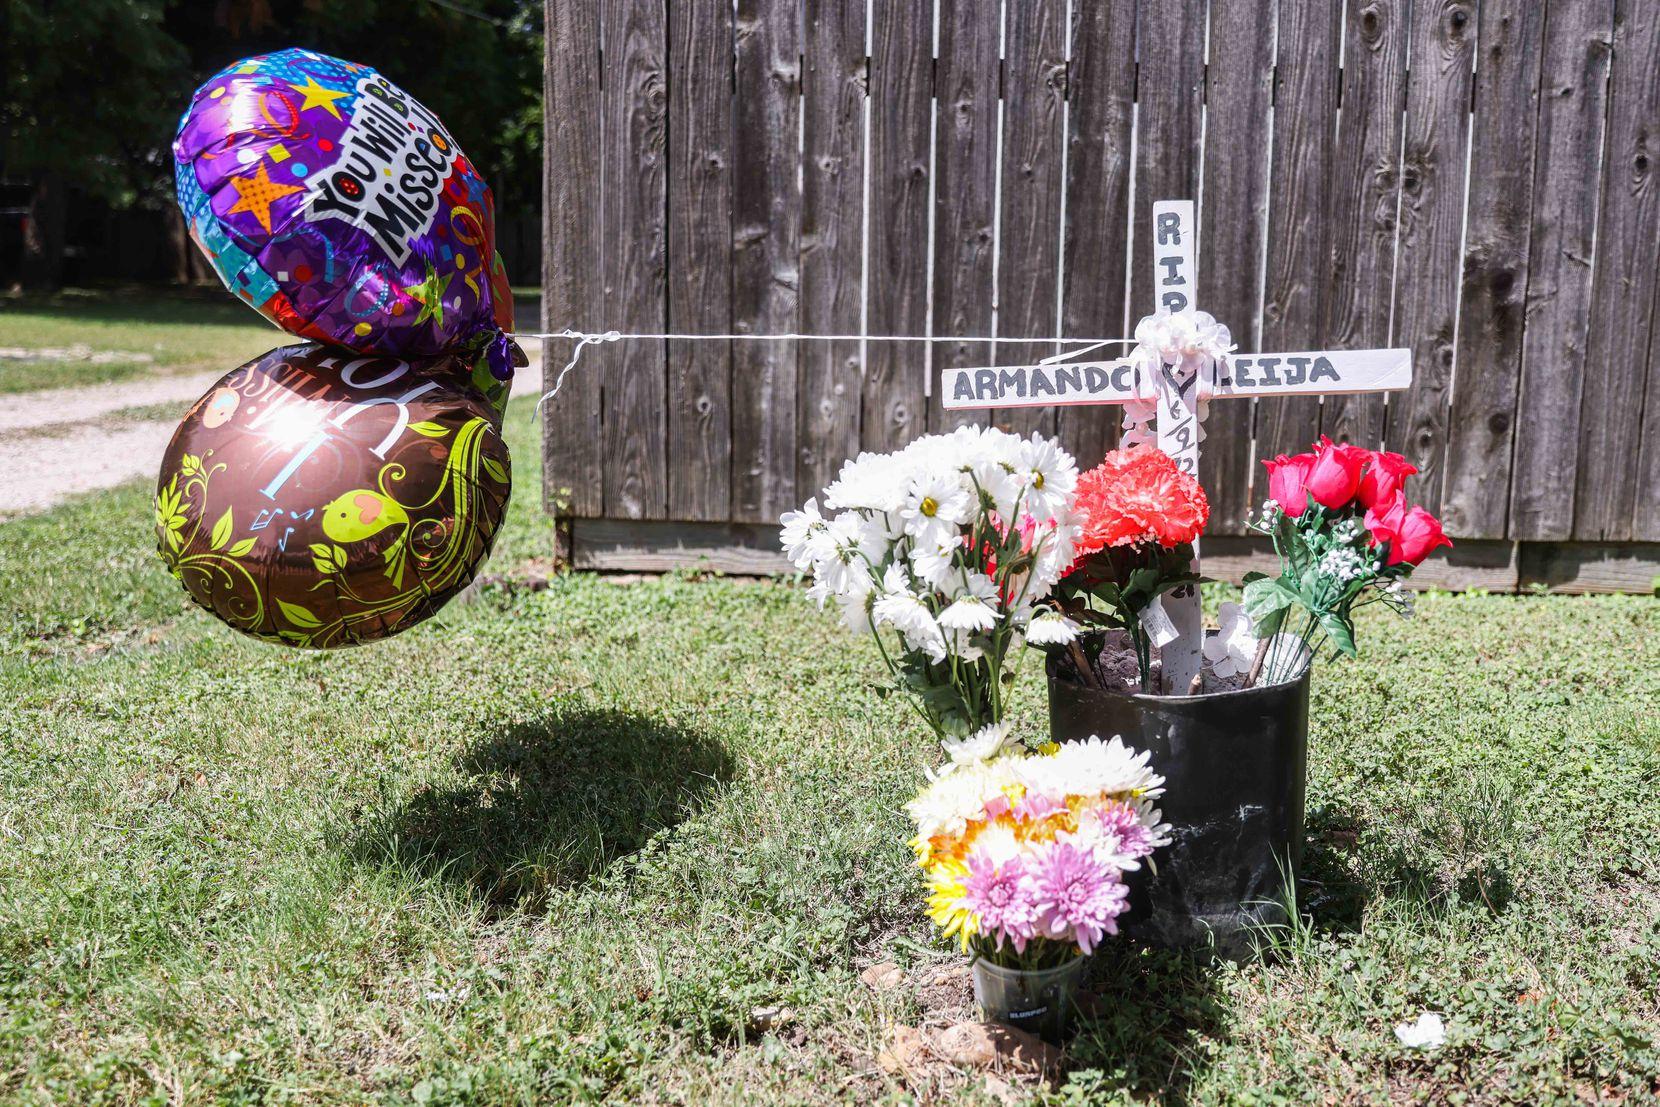 Armando Leija Esparza fue recordad en redes sociales como un mago de los jardines. Murió atropellado cuando un conductor se salió de la carretera.